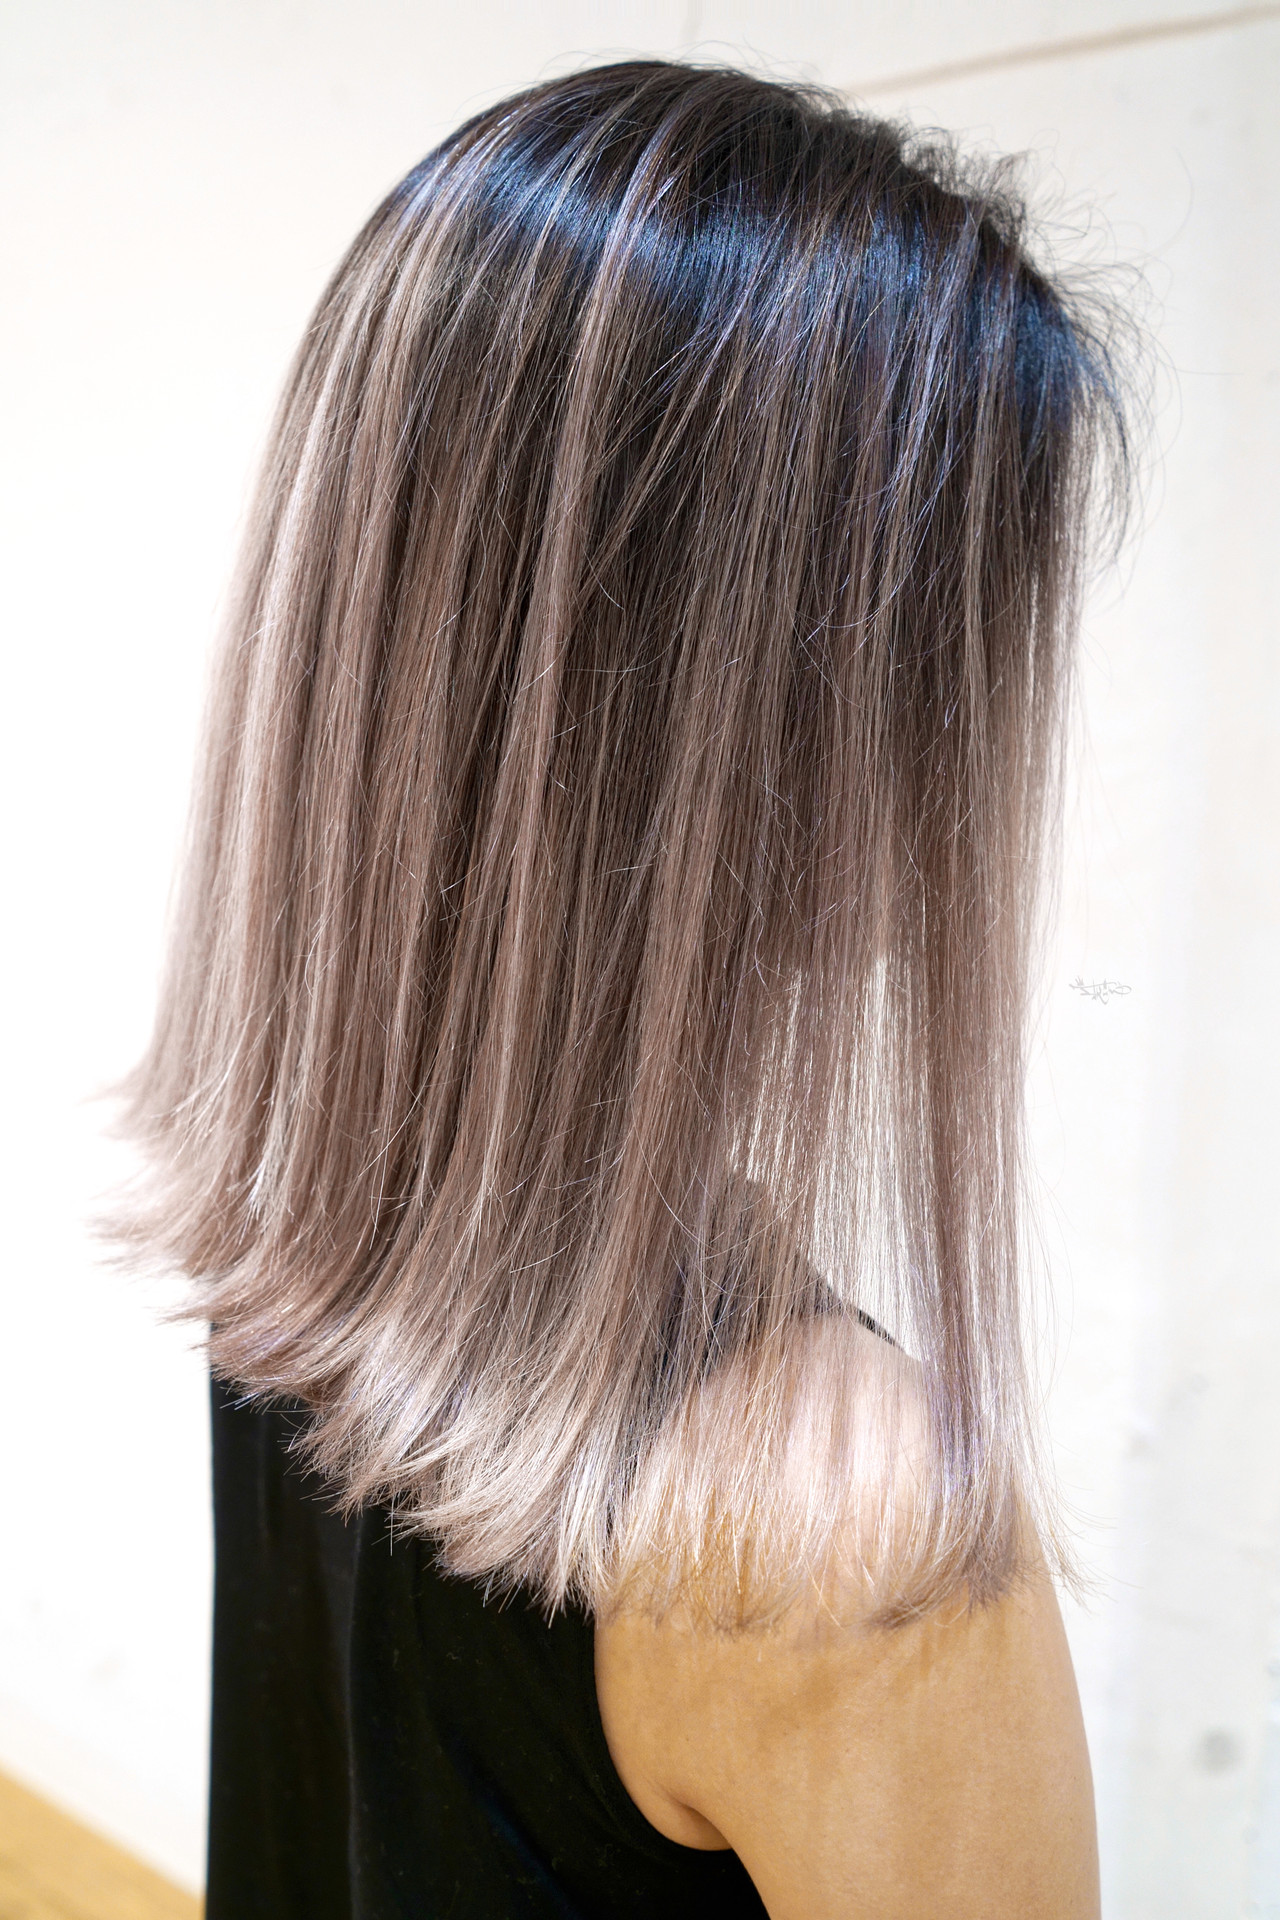 グレージュ ローライト バレイヤージュ 外国人風カラー ヘアスタイルや髪型の写真・画像